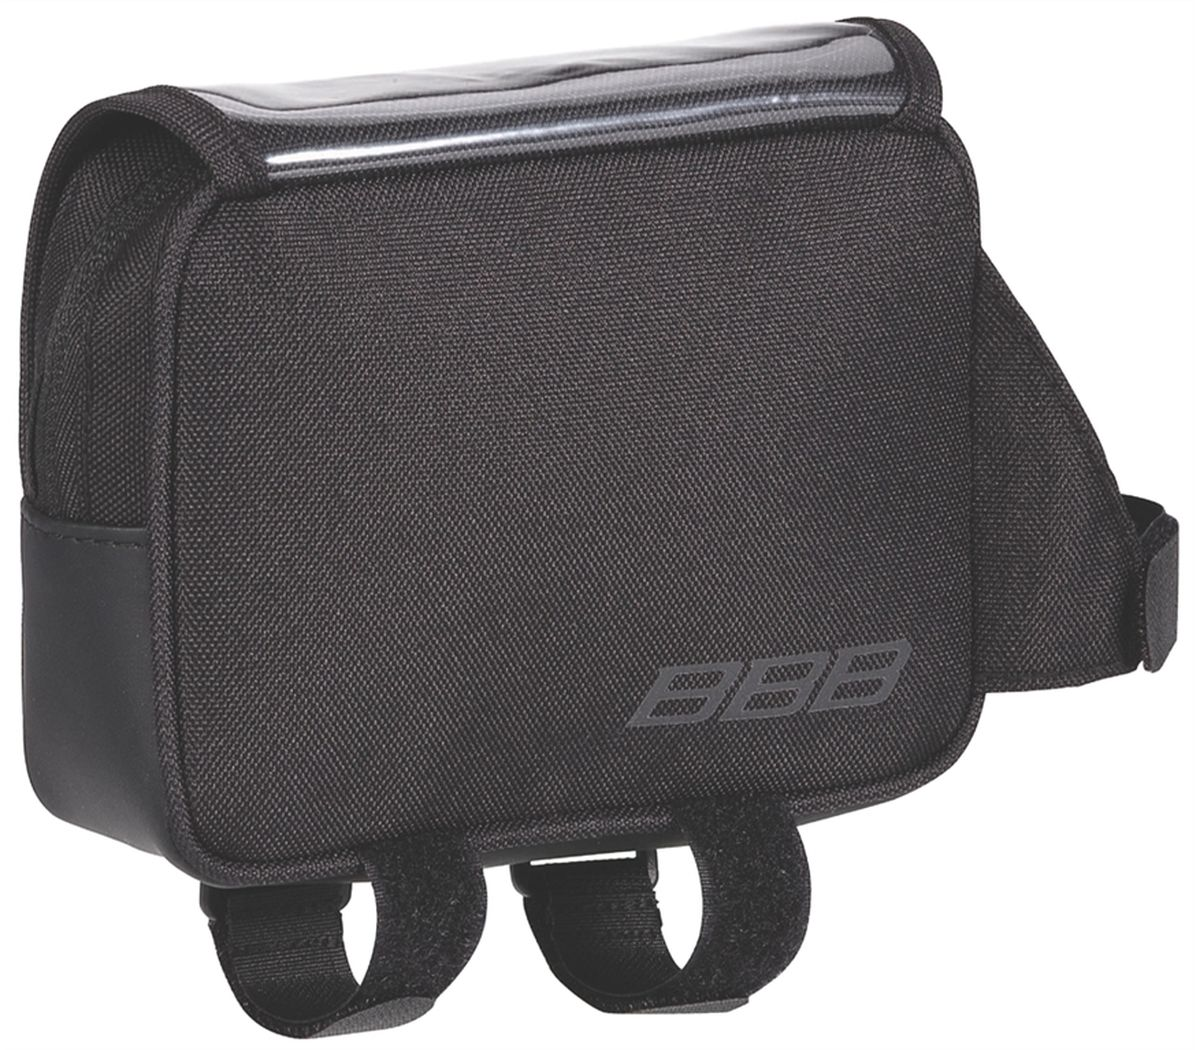 Велосумка под раму BBB TubeTopPack, цвет: черныйZ90 blackСумка BBB TubeTopPack спроектирована специально для установки на верхней трубе. Имеет один большой отсек для хранения питательных батончиков, кошелька, ключей, фотоаппарата и других мелочей. Прозрачное покрытие предназначено для чтения карт или путевых отметок. Нескользящий материал нижней части сумки. Черный светоотражающий материал по бокам обеспечивает безопасность на дороге. 3 застежки Velcro обеспечивают надежное крепление сумки.